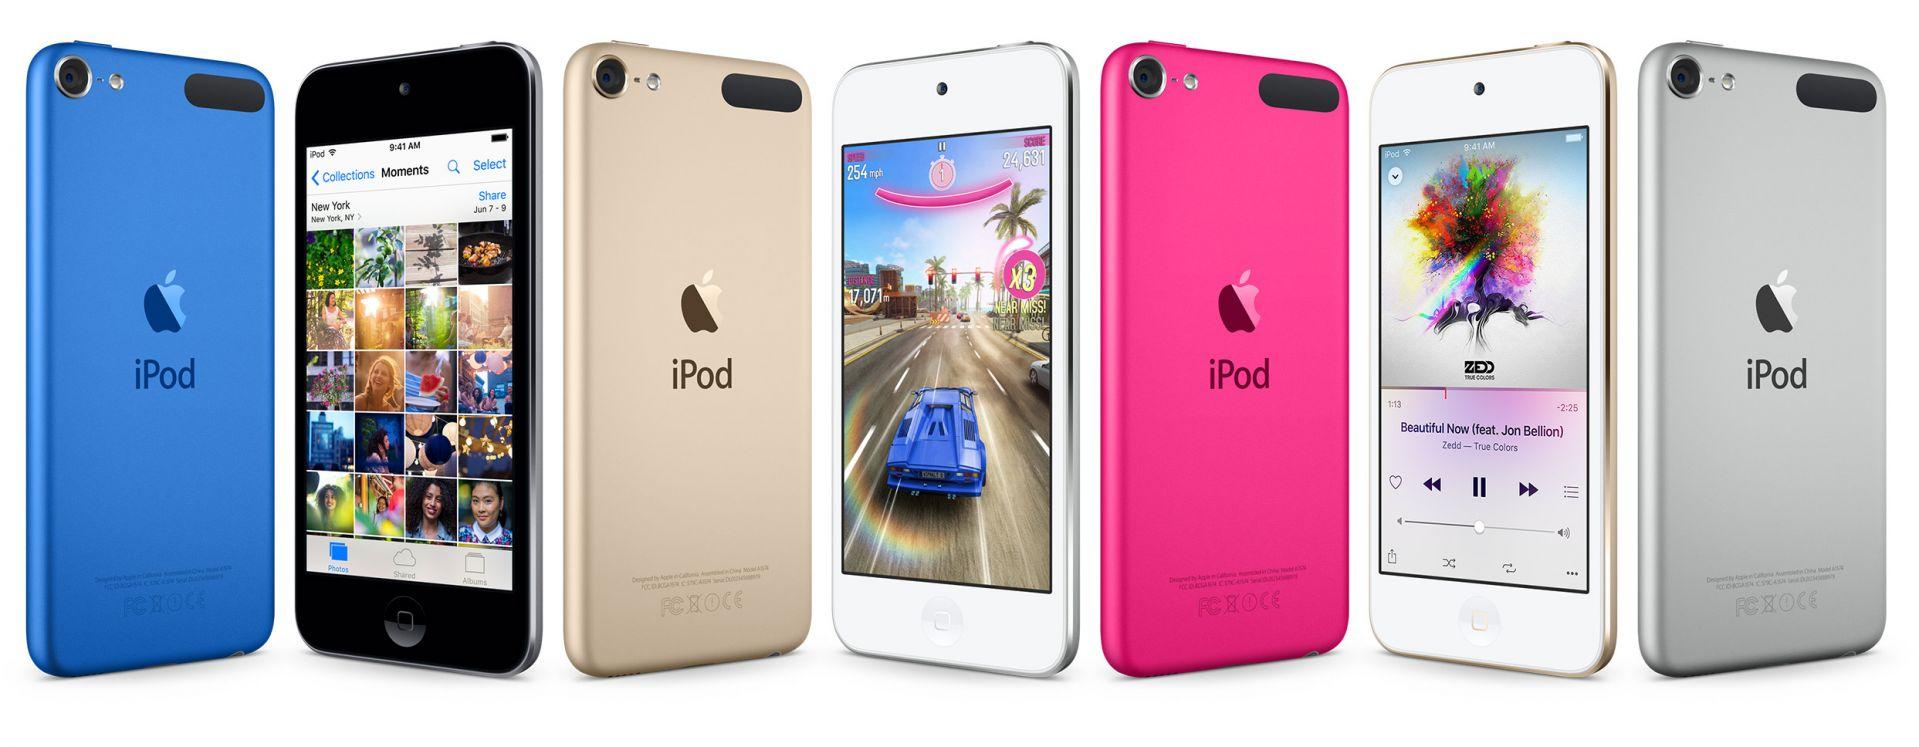 关于新款 iPod touch 的传闻汇总